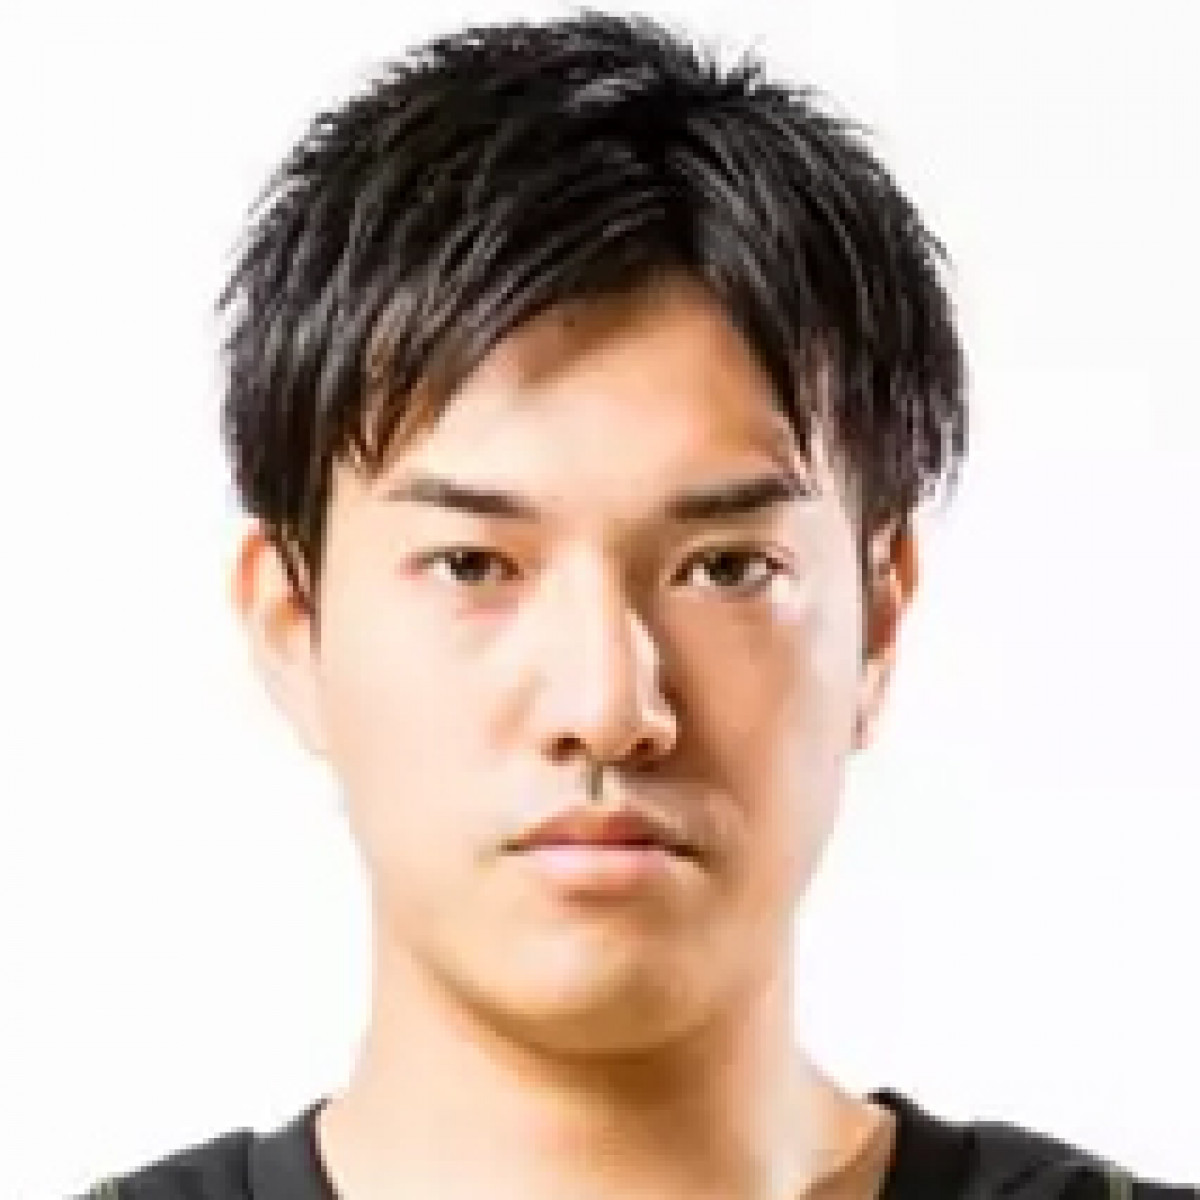 Masaya Komaki